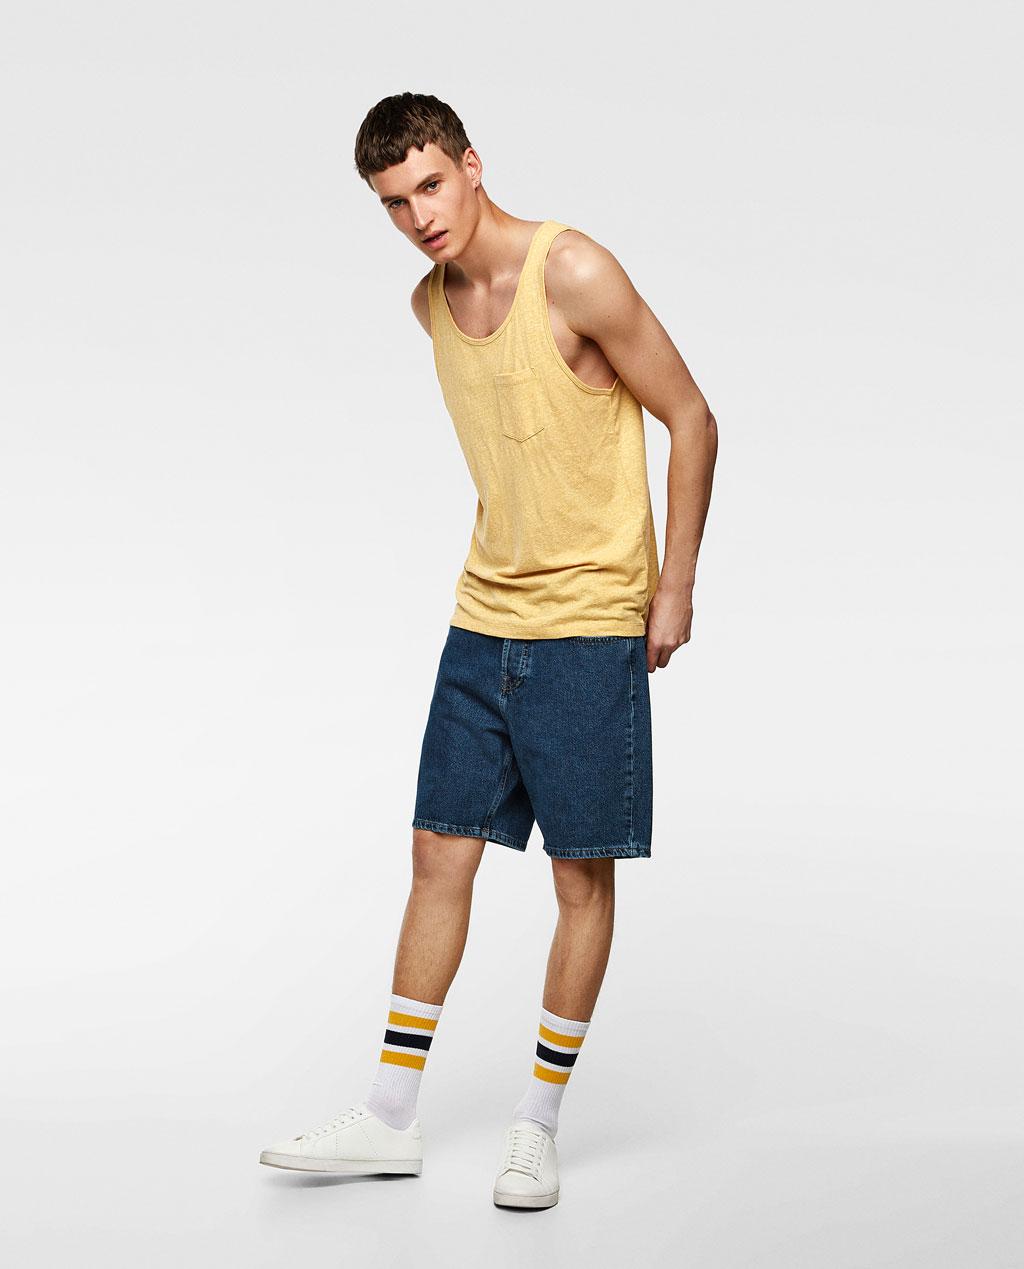 Thời trang nam Zara  24067 - ảnh 3